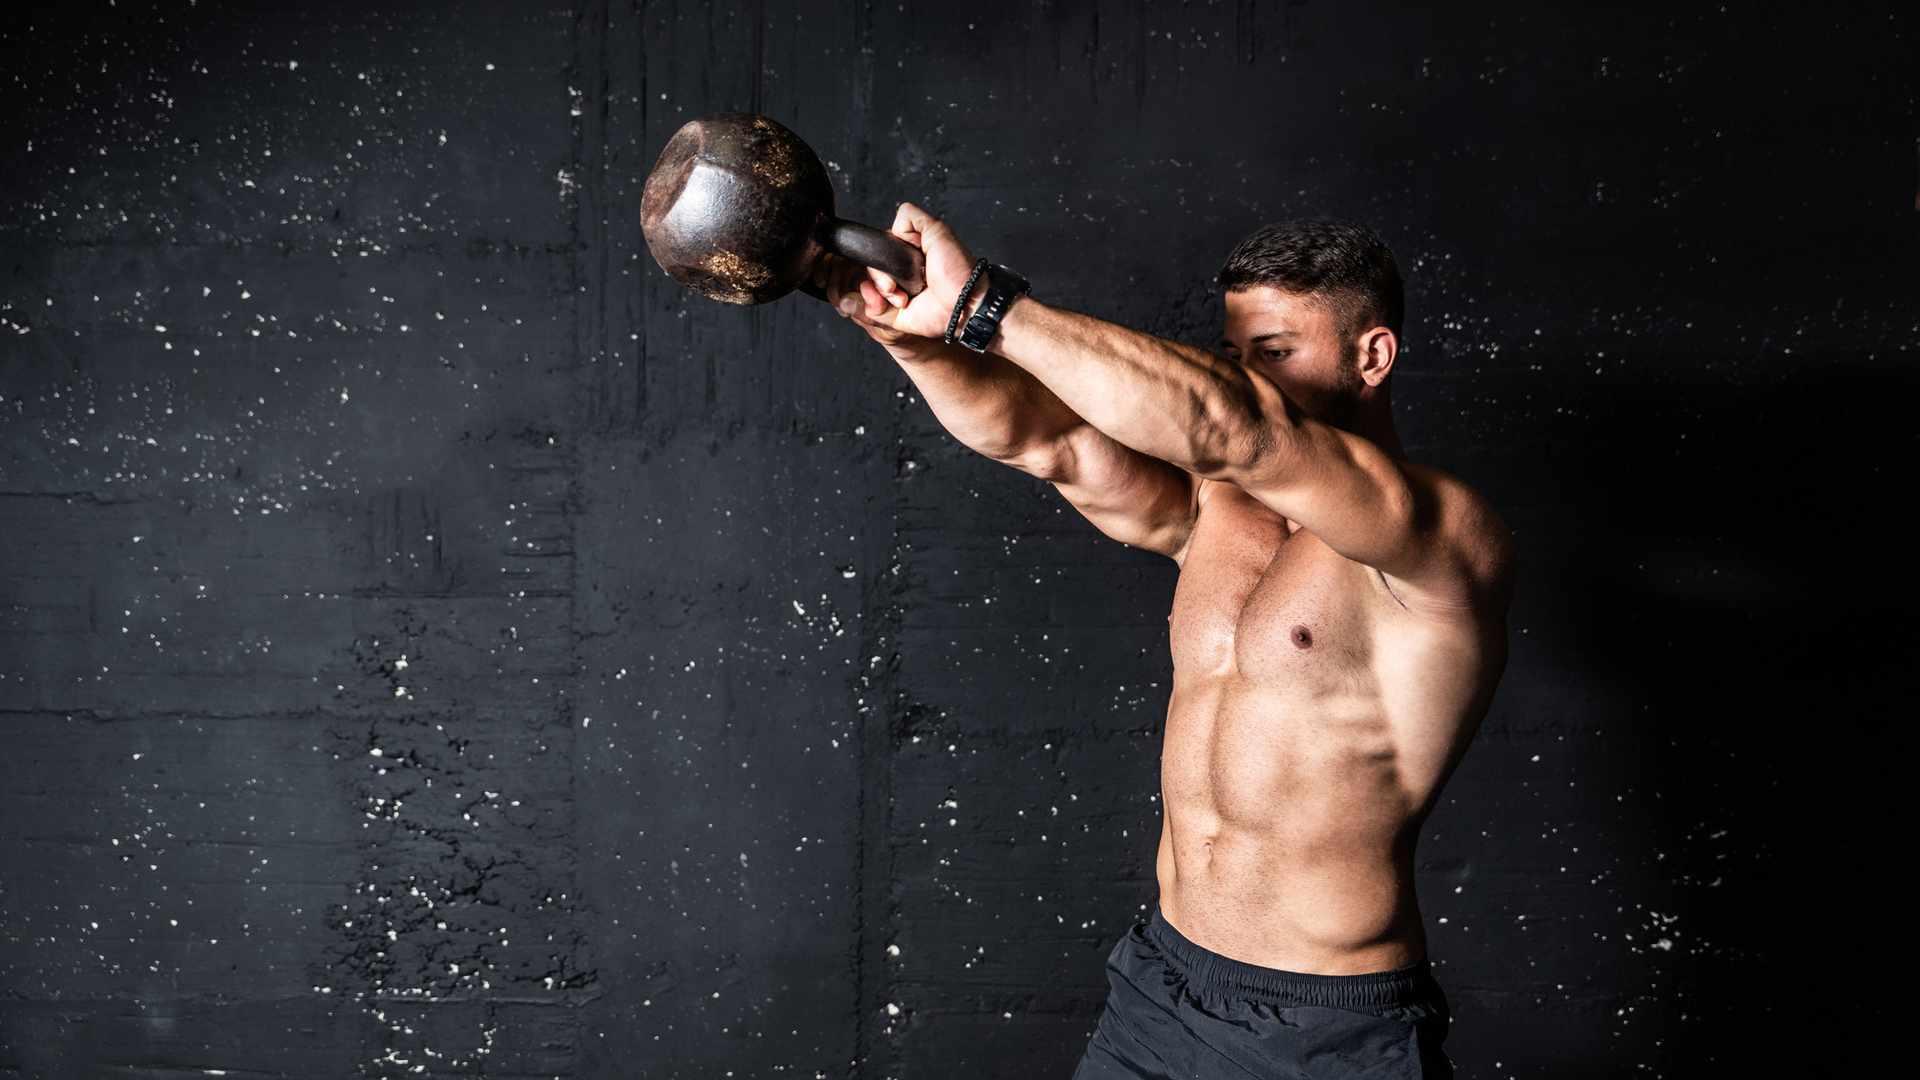 kaip padidinti raumenu mases nari